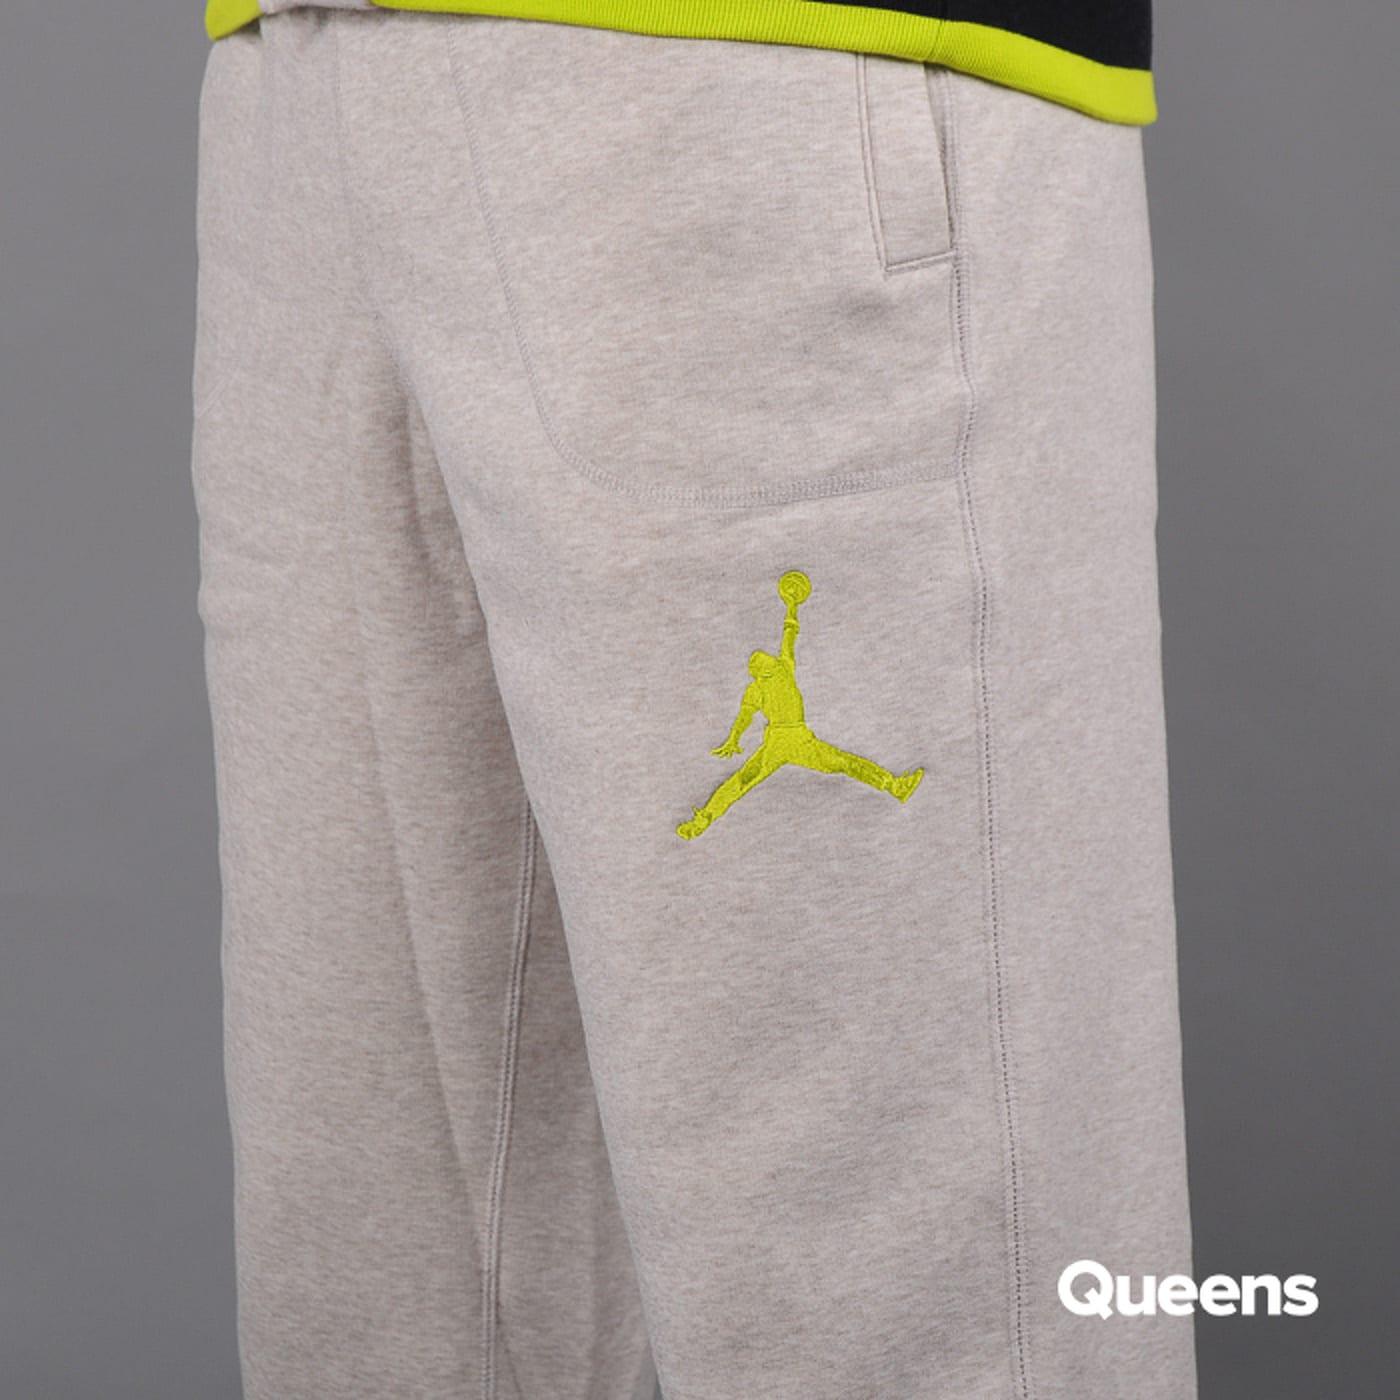 Jordan Varsity Sweatpants melange světle béžové / černé / žlutozelené